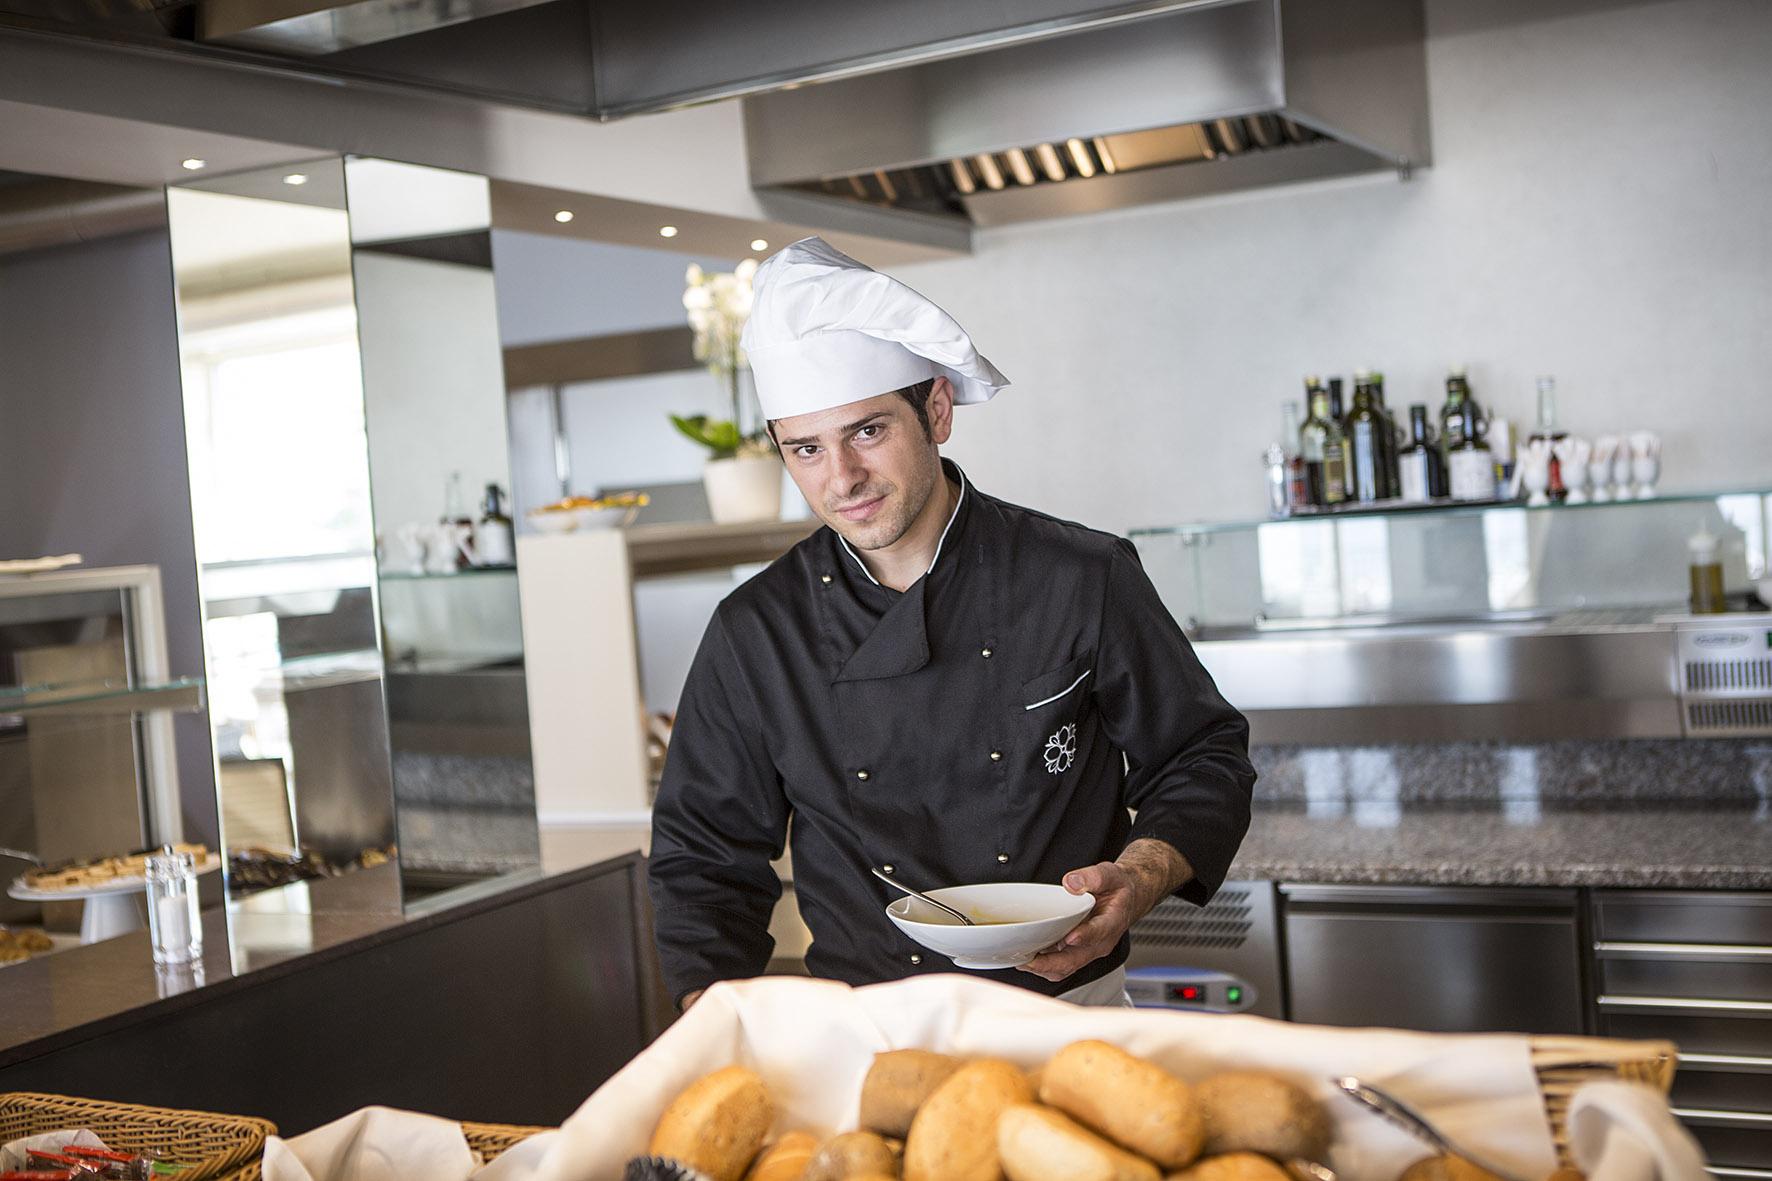 limone_sul_garda_hotel_atilius_colazione_buffet401.jpg